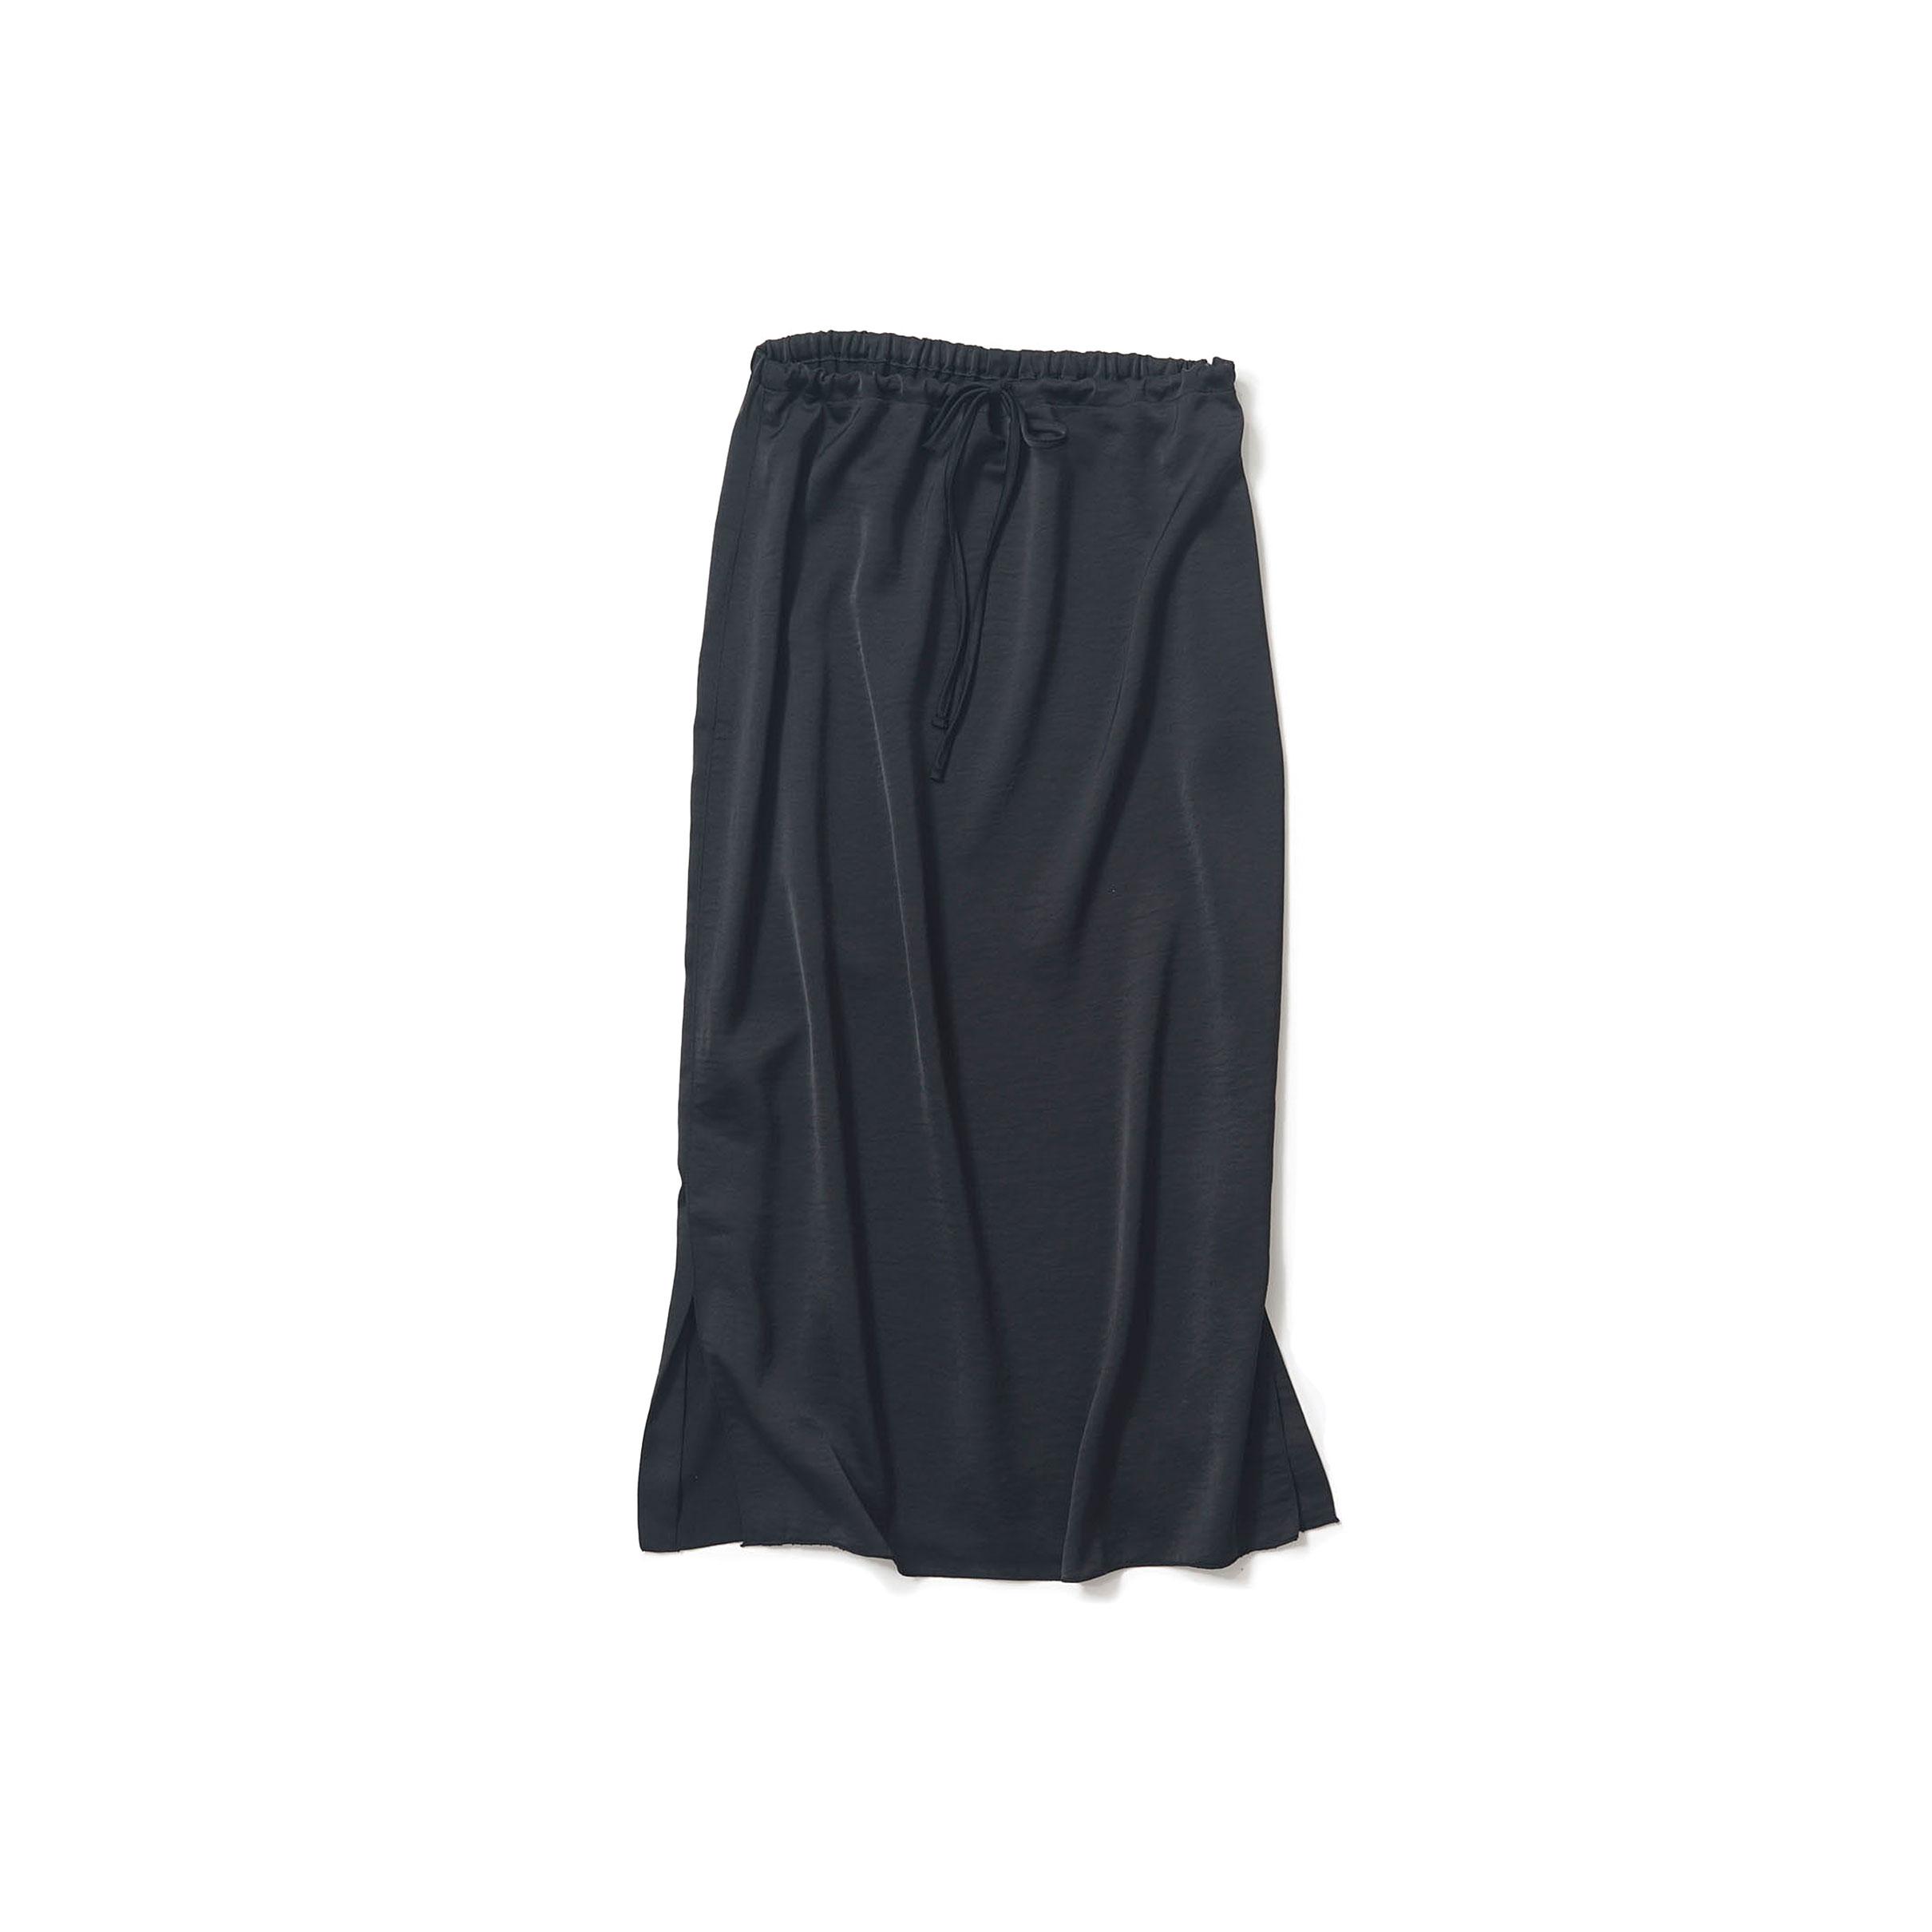 サテンの黒いスカート